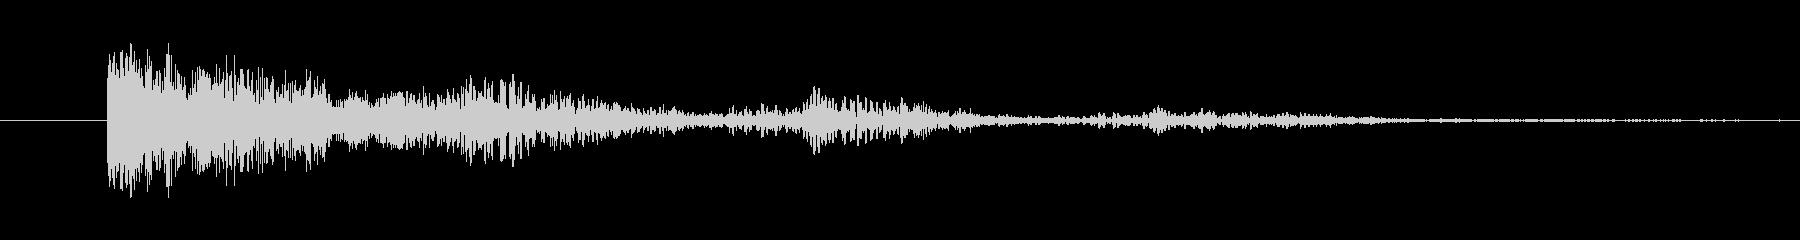 ぽわぽわした効果音の未再生の波形